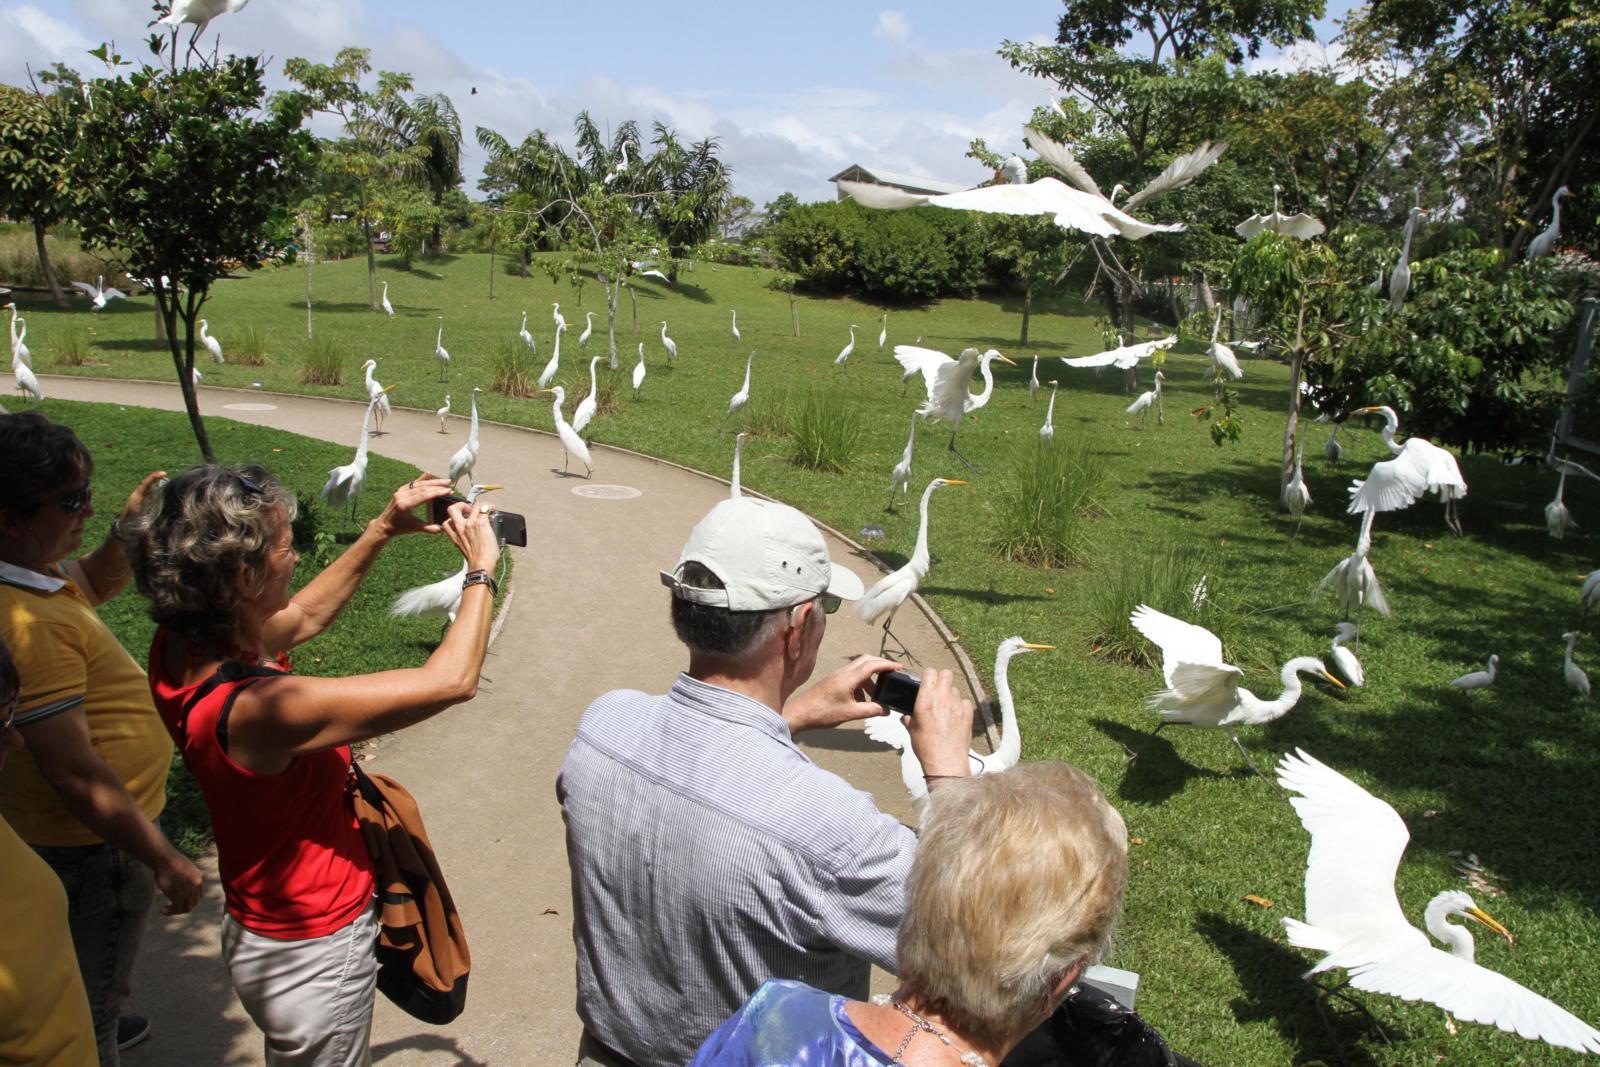 Cresce em 6,1% o fluxo do turismo internacional no Pará, em 2016